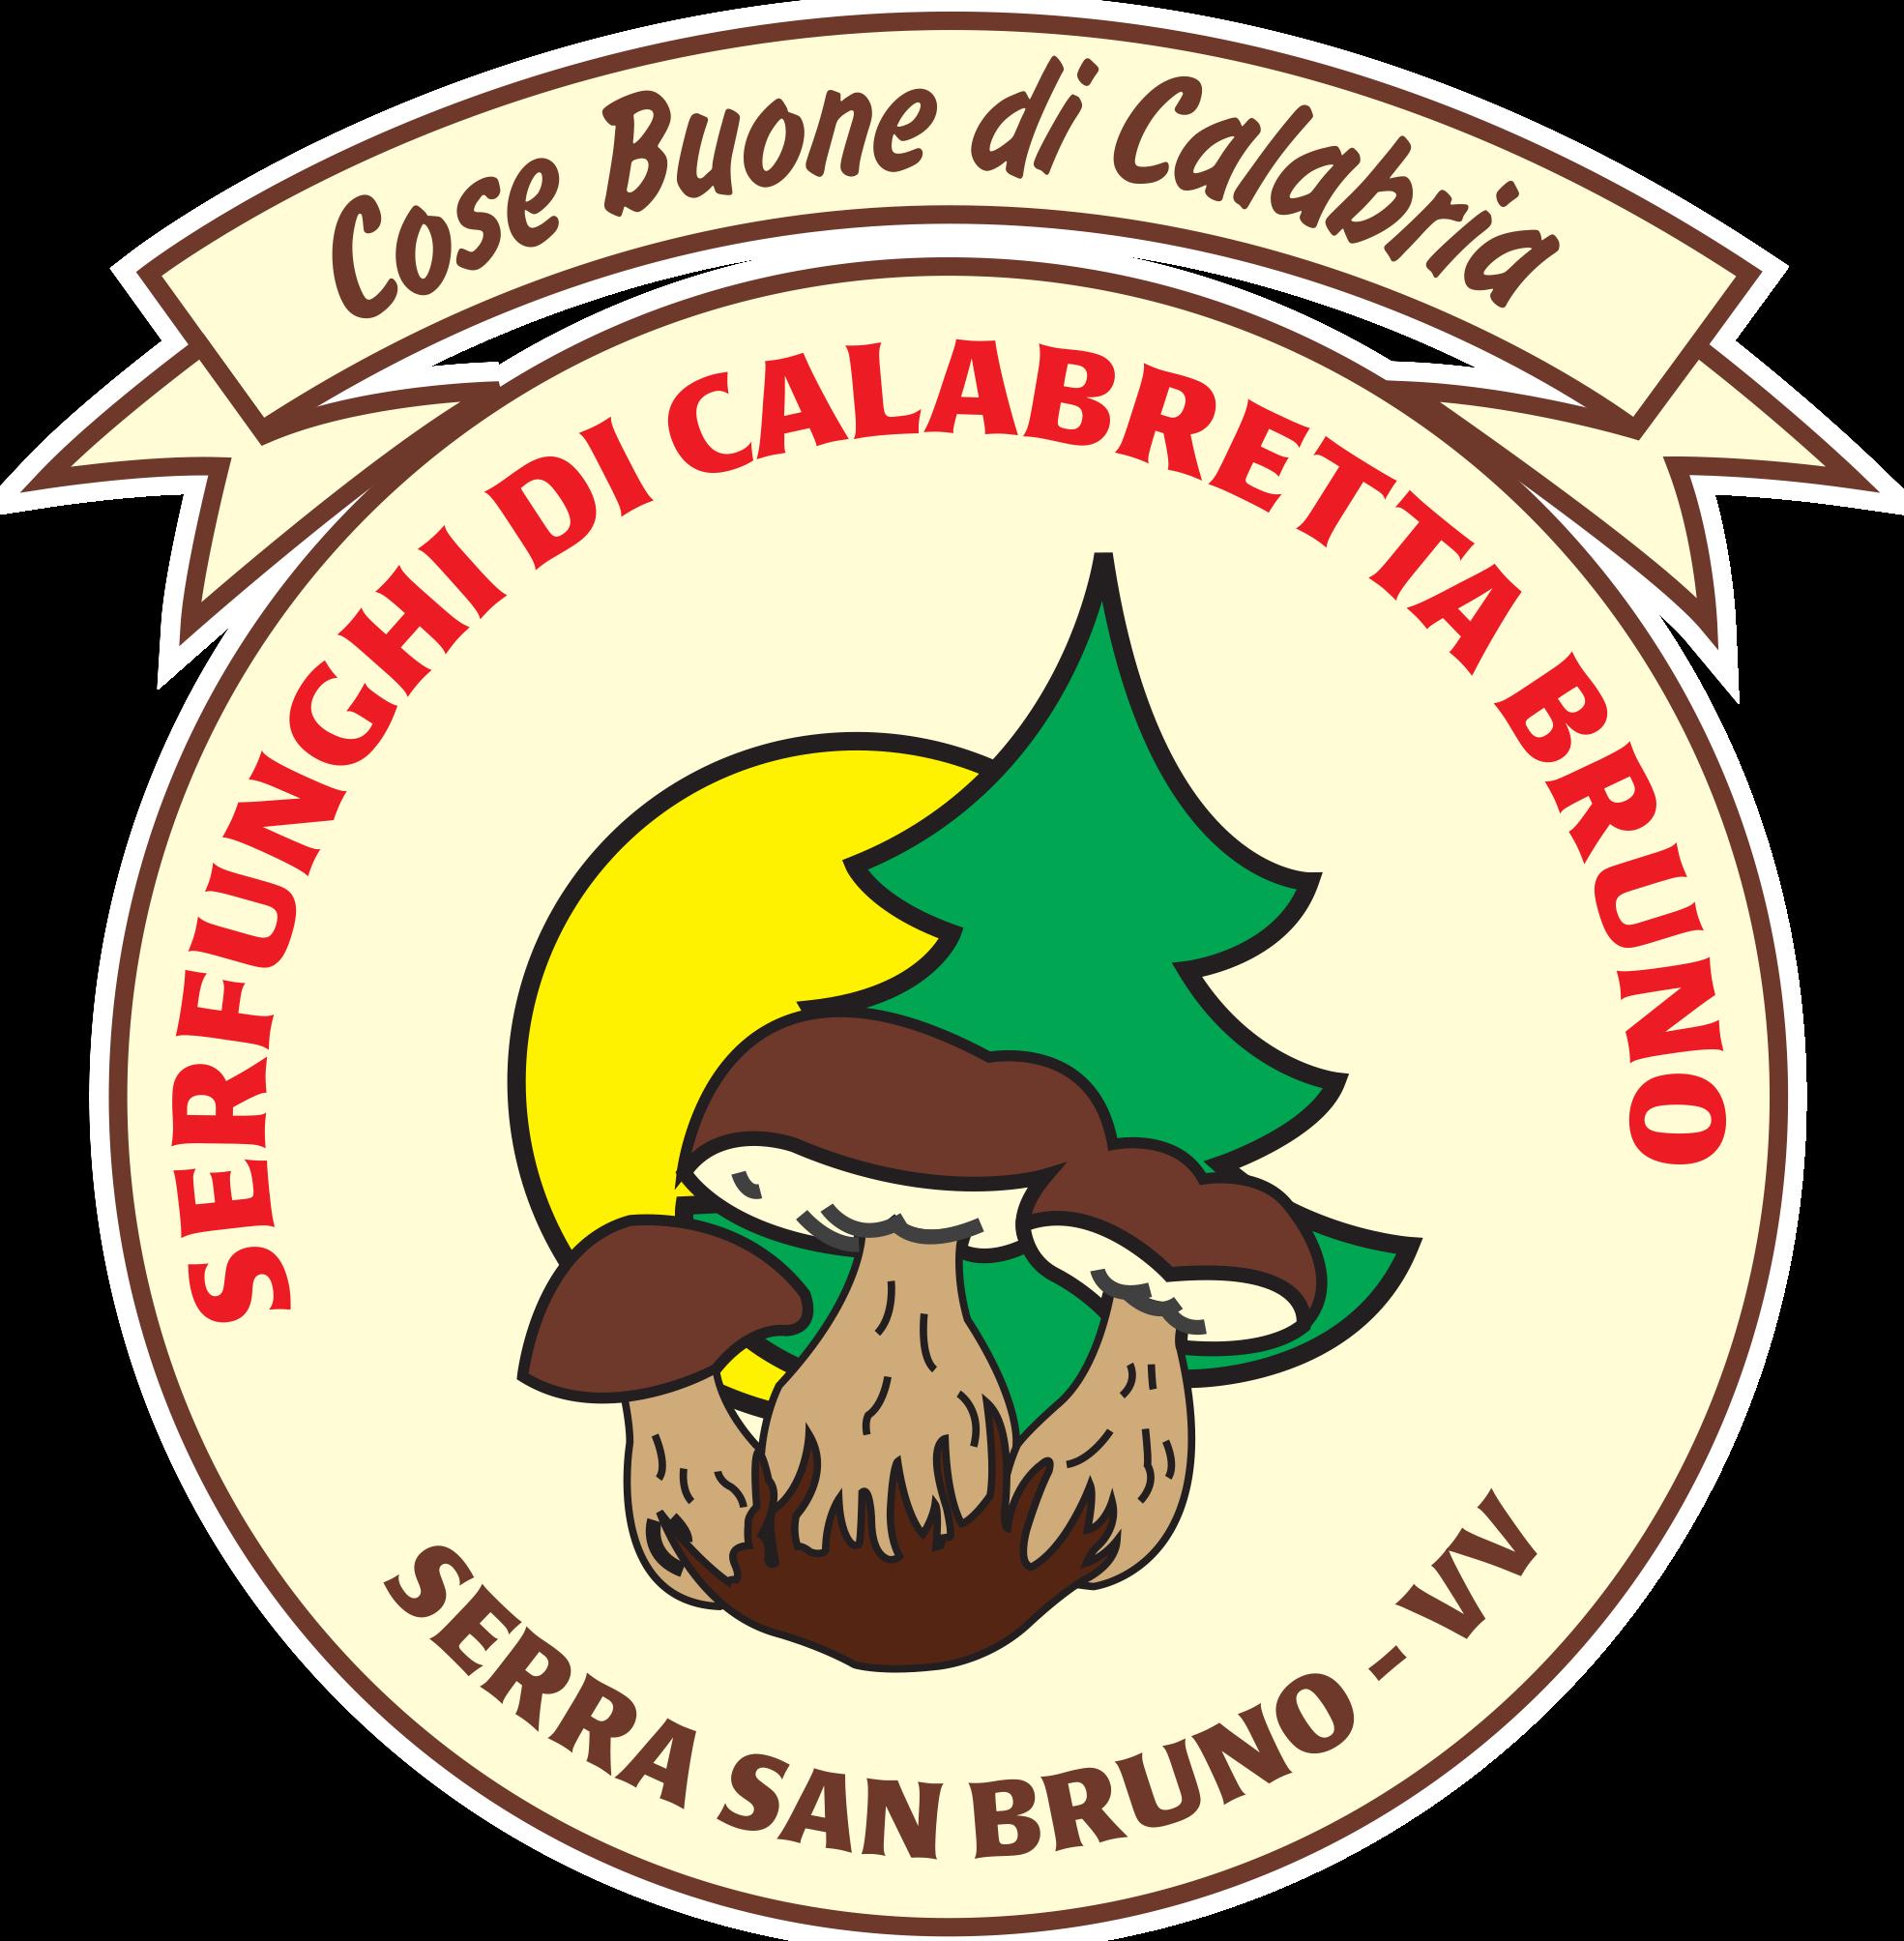 SERFUNGHI | COSE BUONE DI CALABRIA | SERRA SAN BRUNO